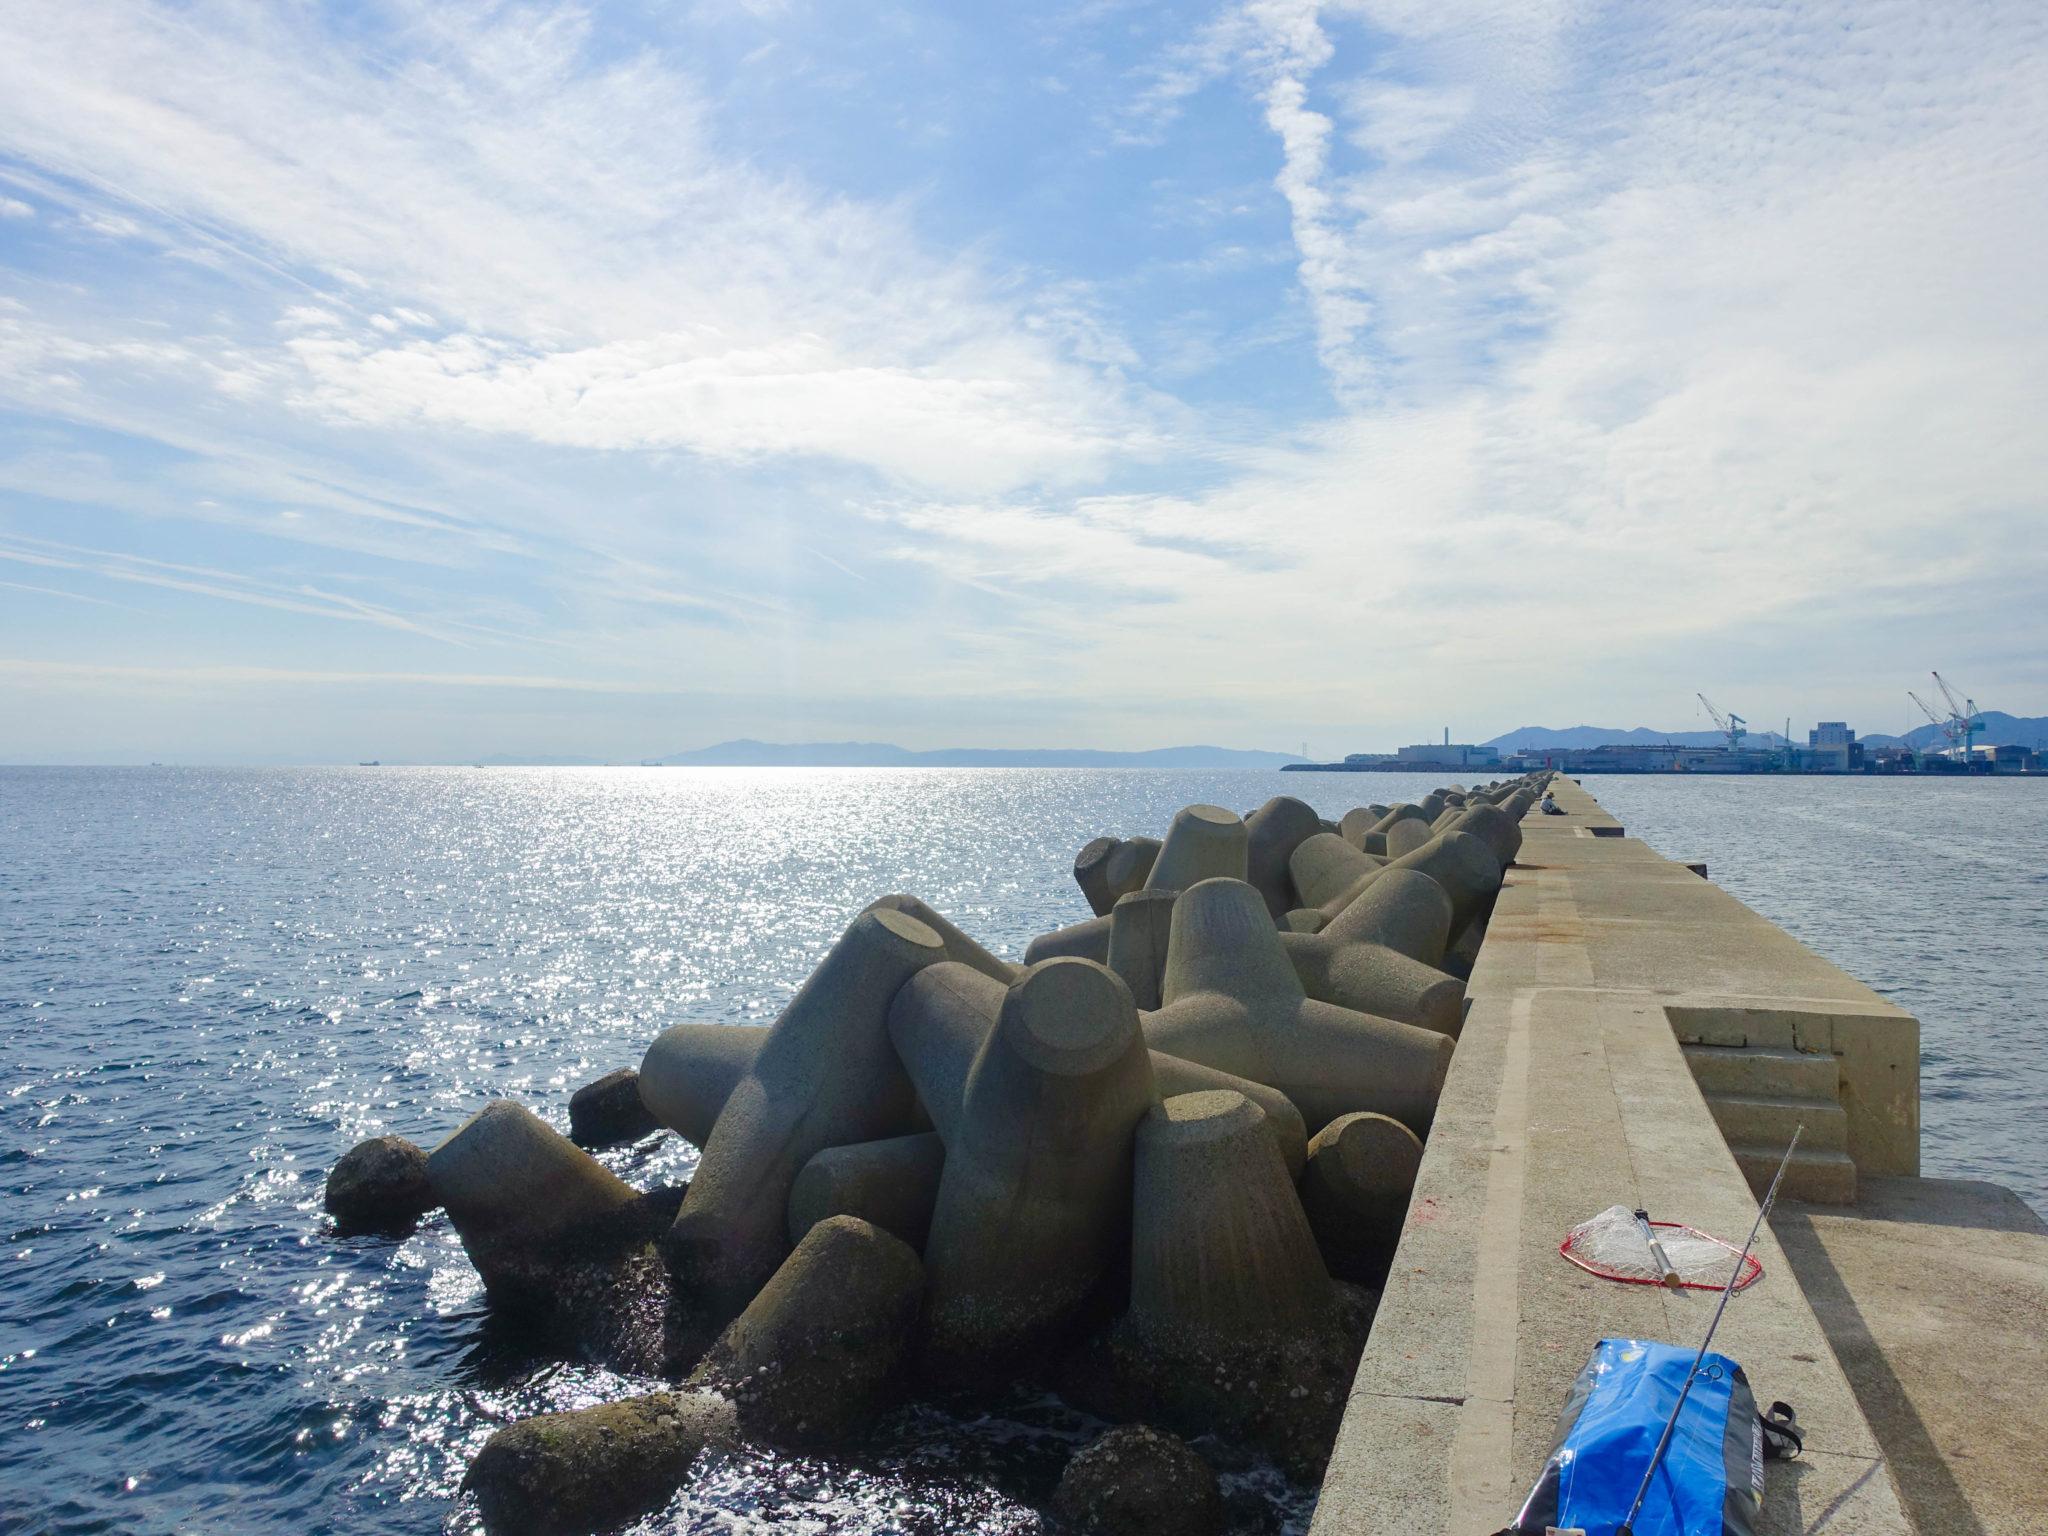 神戸沖堤防「和田防・新波止・ポーアイ」の釣りポイント・アクセス・釣れる魚種まとめ